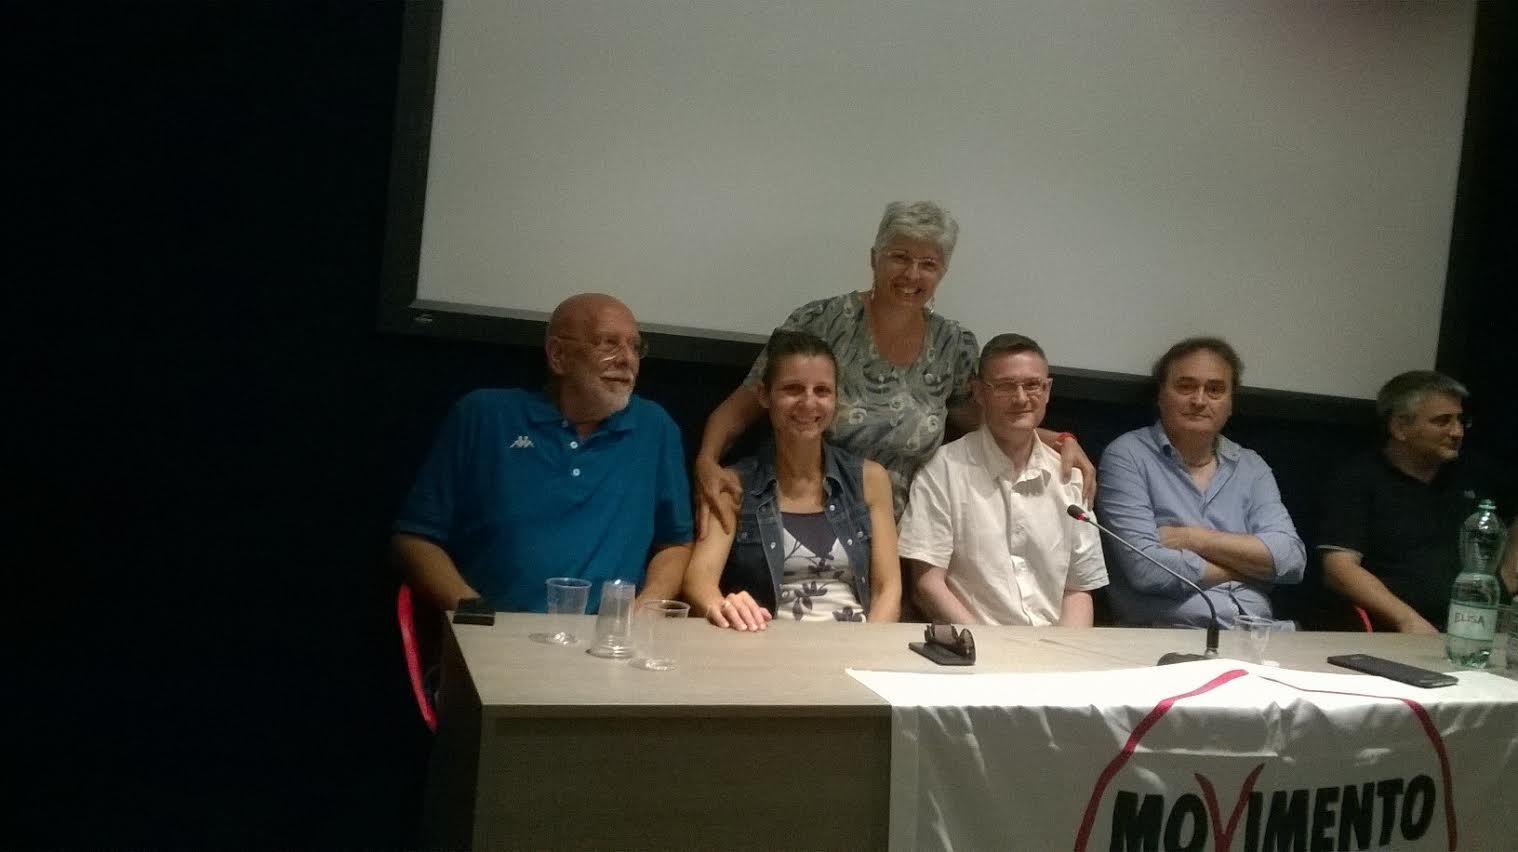 Riviera oggi riunione provinciale m5s for Movimento 5 stelle parlamento oggi